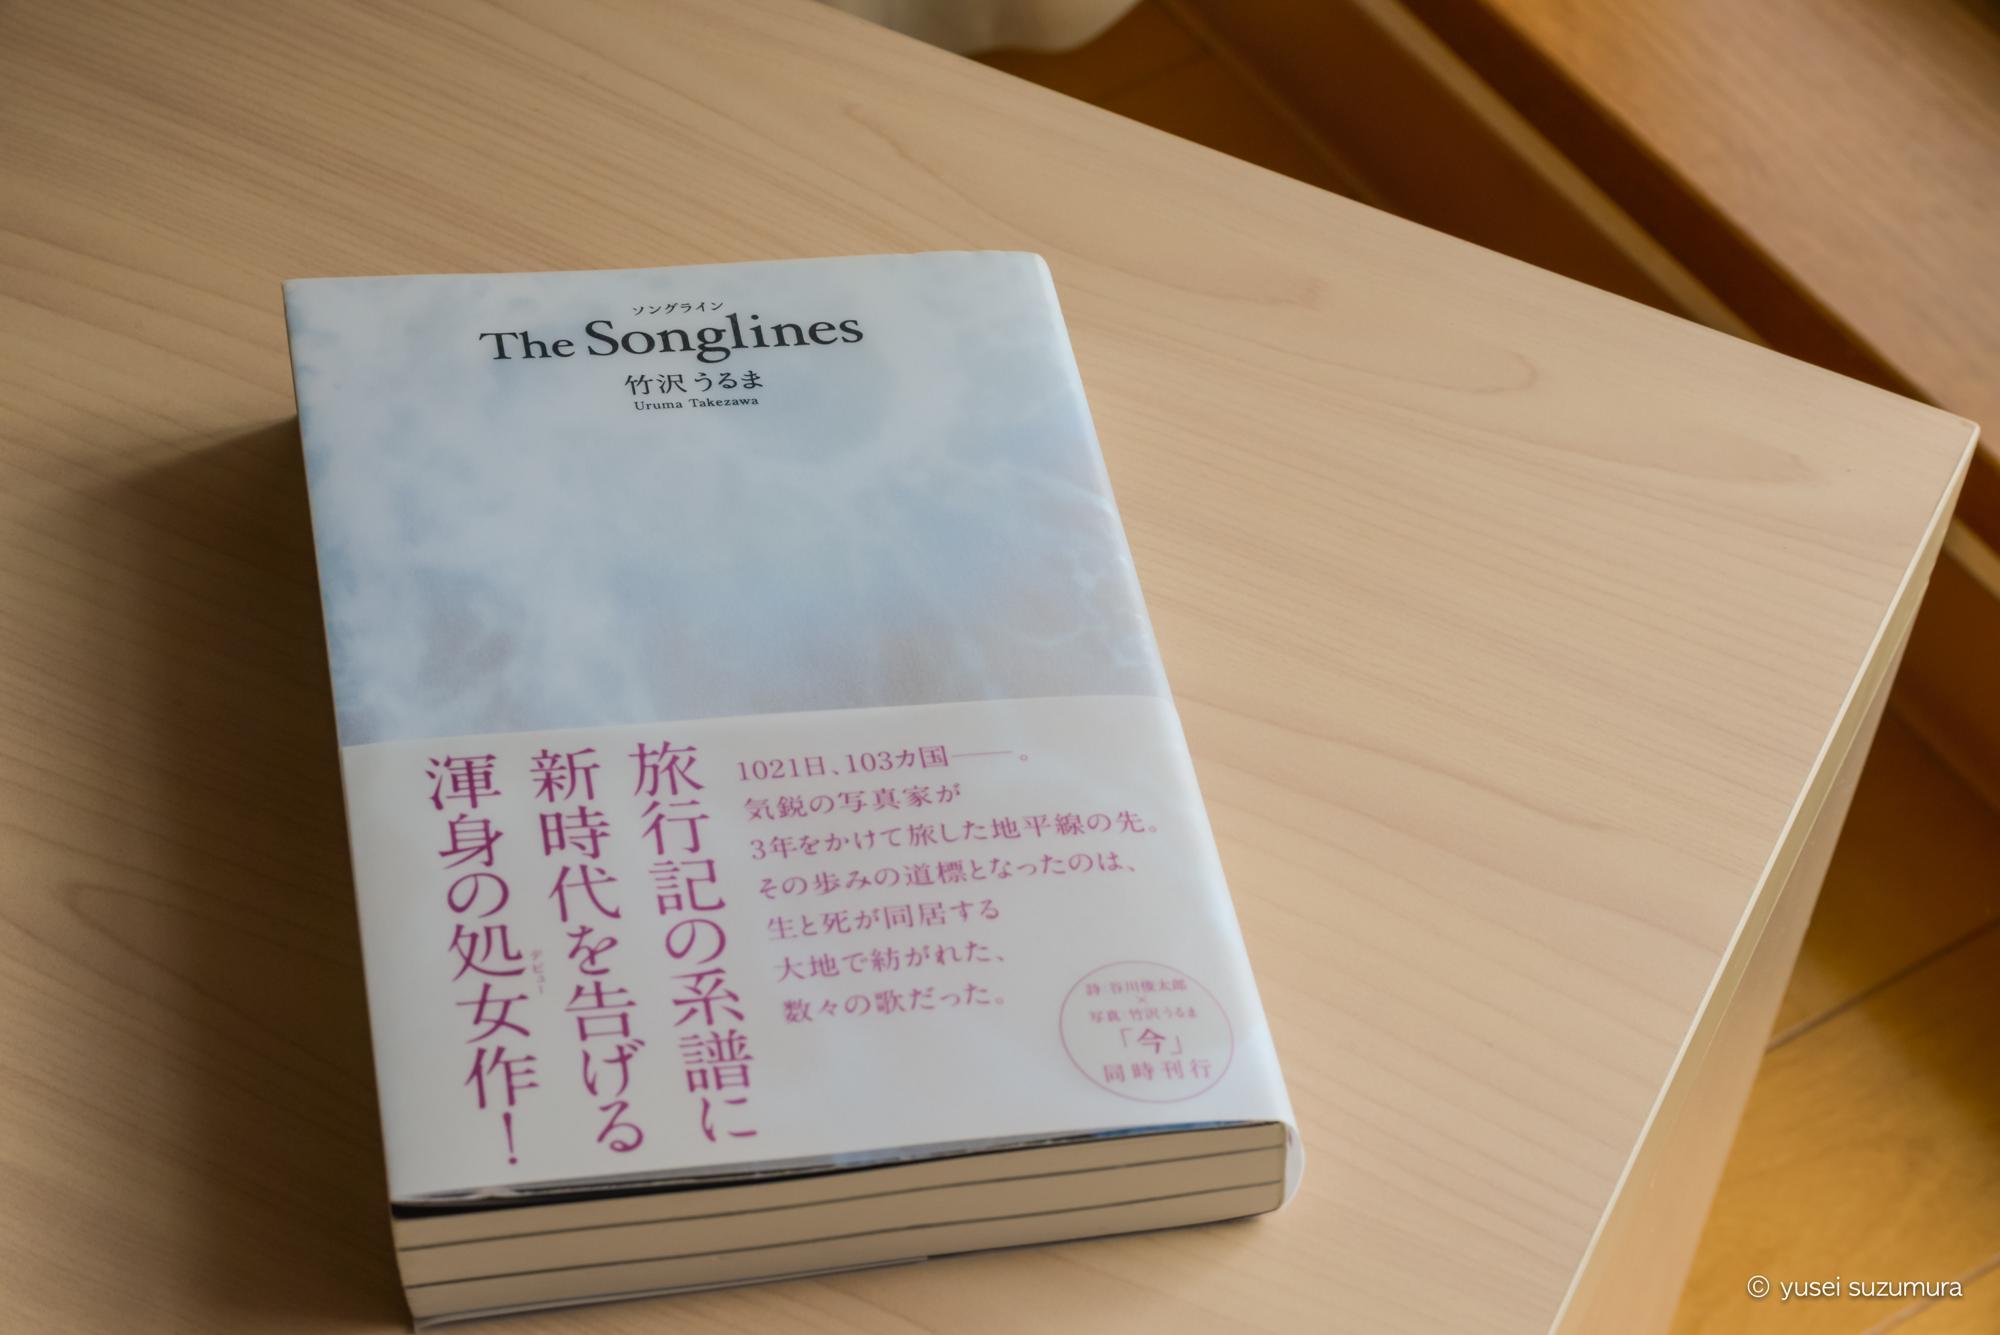 The songlines 竹沢うるま